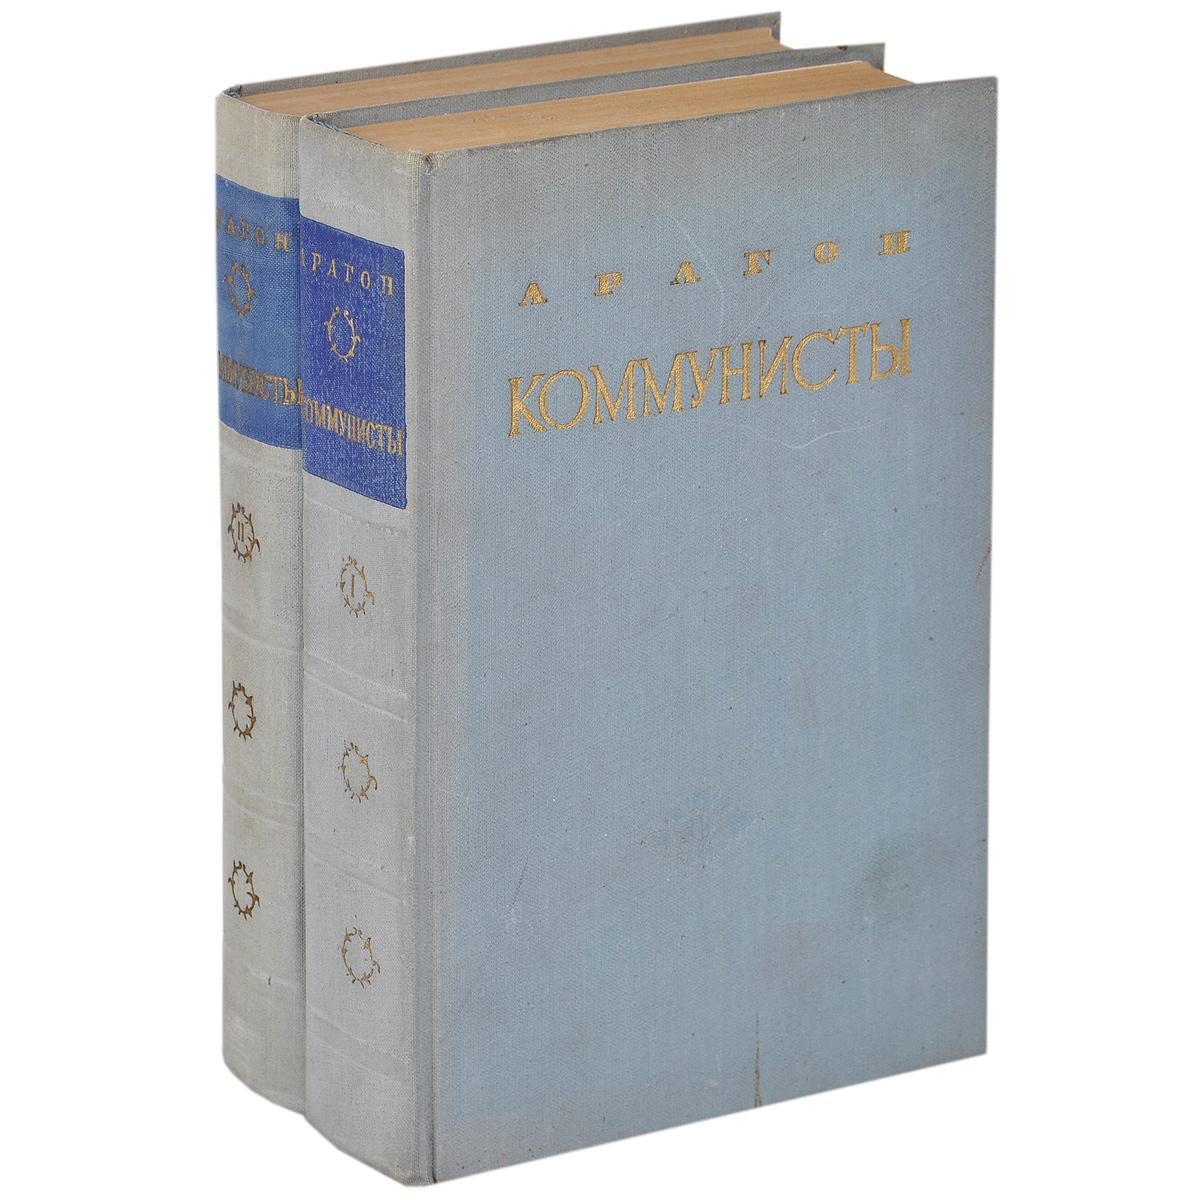 Арагон Коммунисты (комплект из 2 книг)